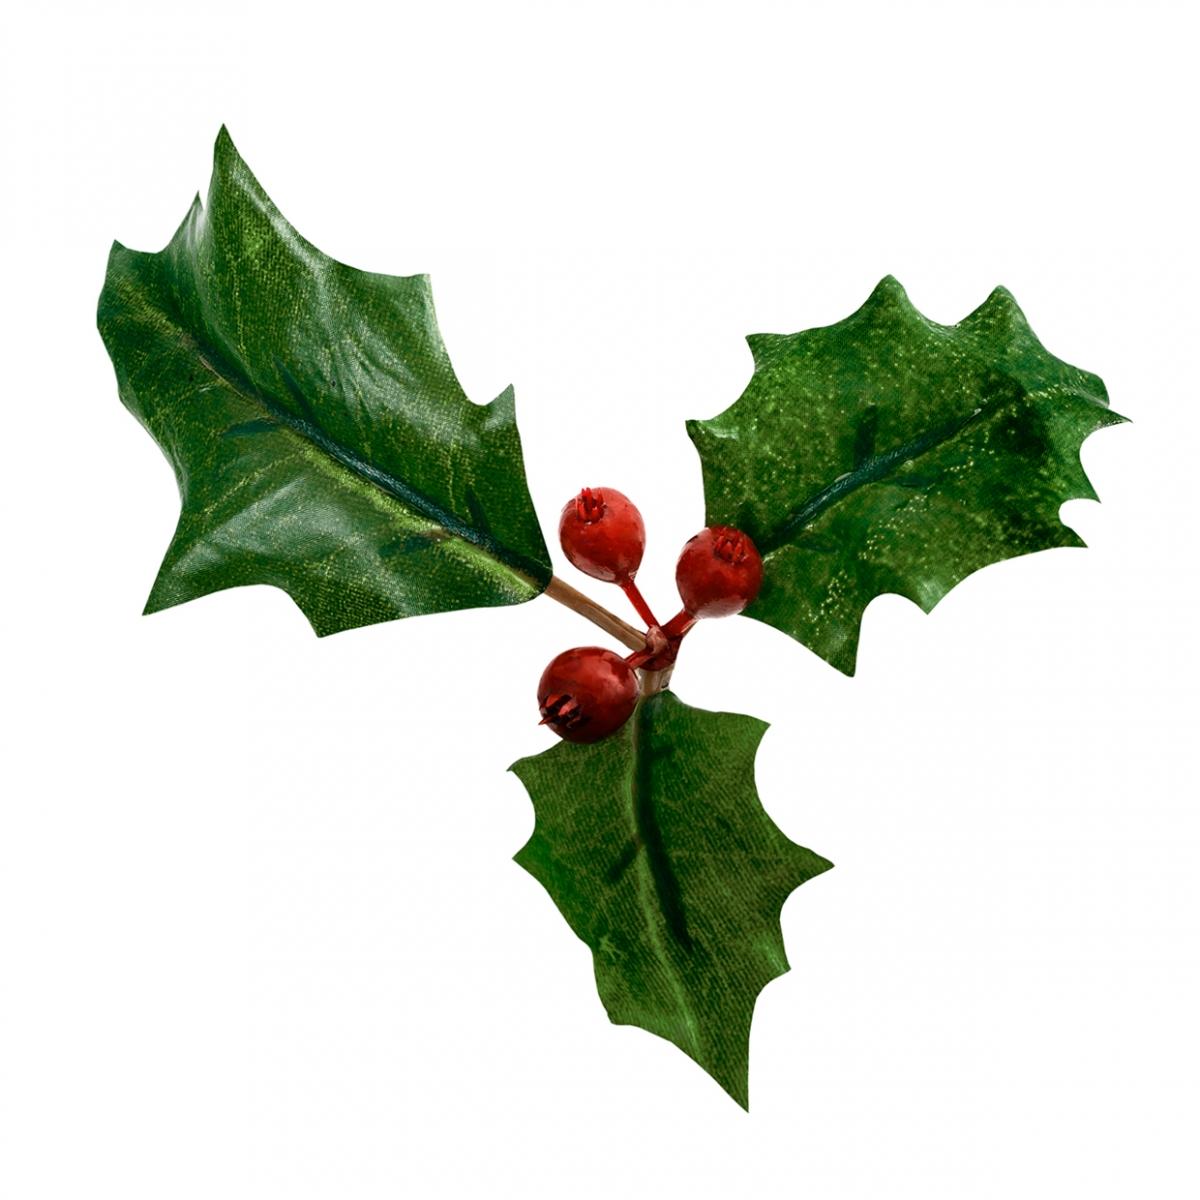 Imagen en la que se ve un acebo de Navidad